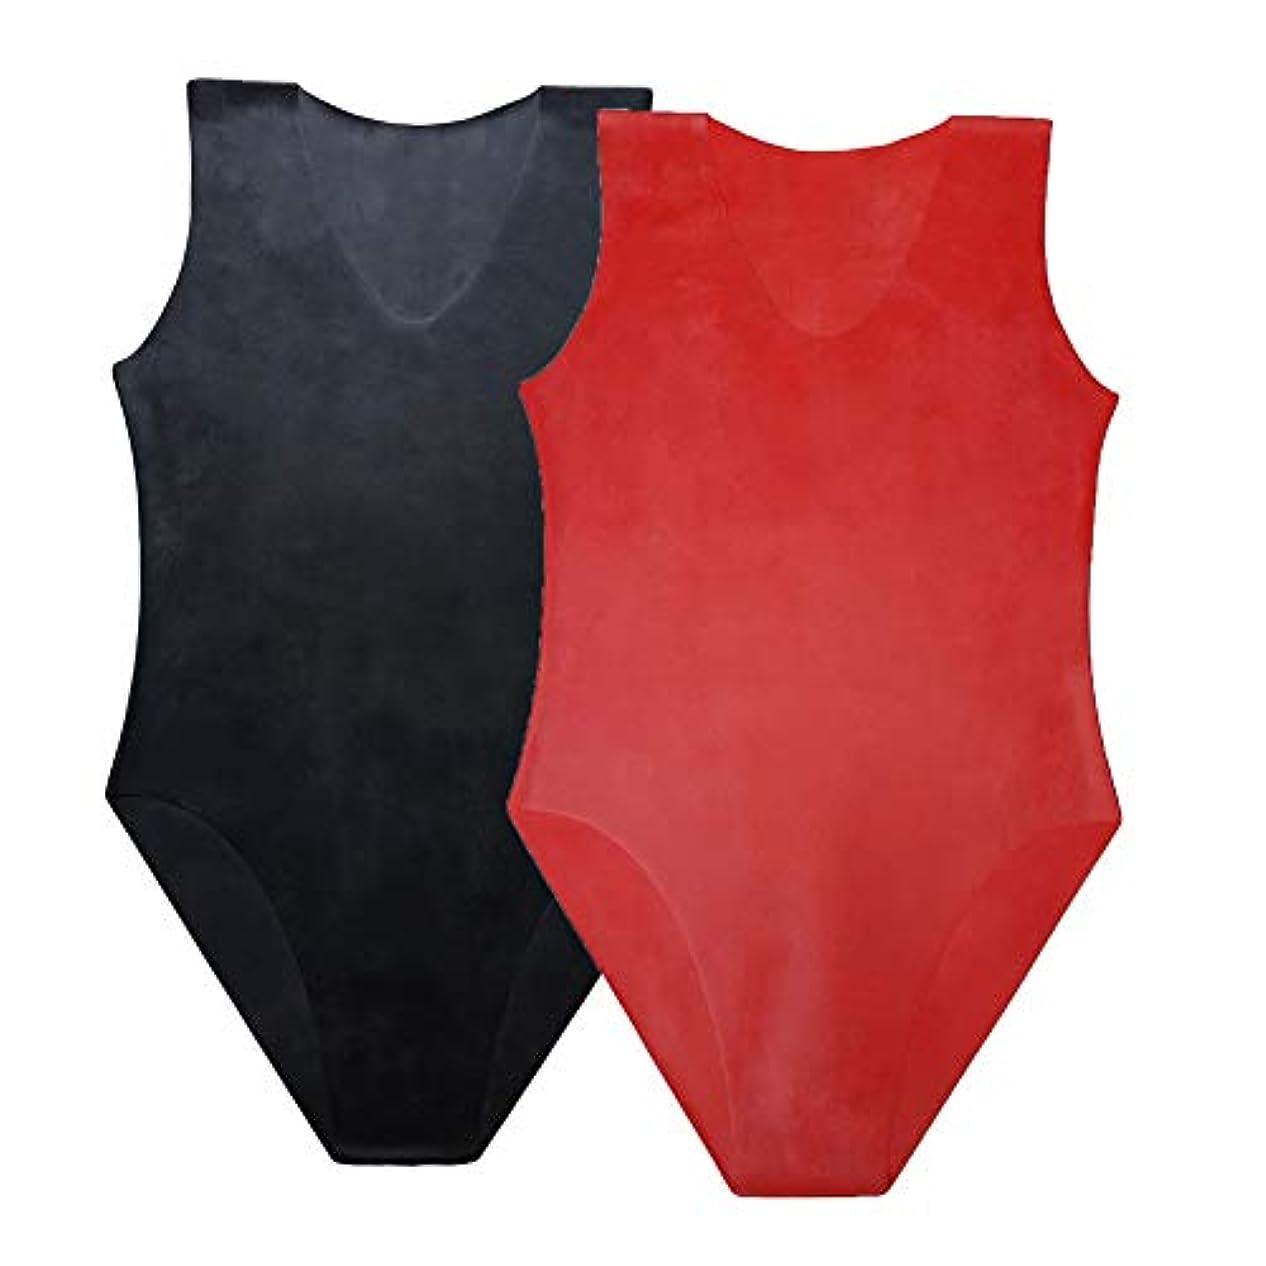 コミュニケーション大胆にんじんEXLATEX ラテックス ボディスーツ 女性水着 ラテックス ラバー グミ レオタード ブラック ラテックス キャットスーツ